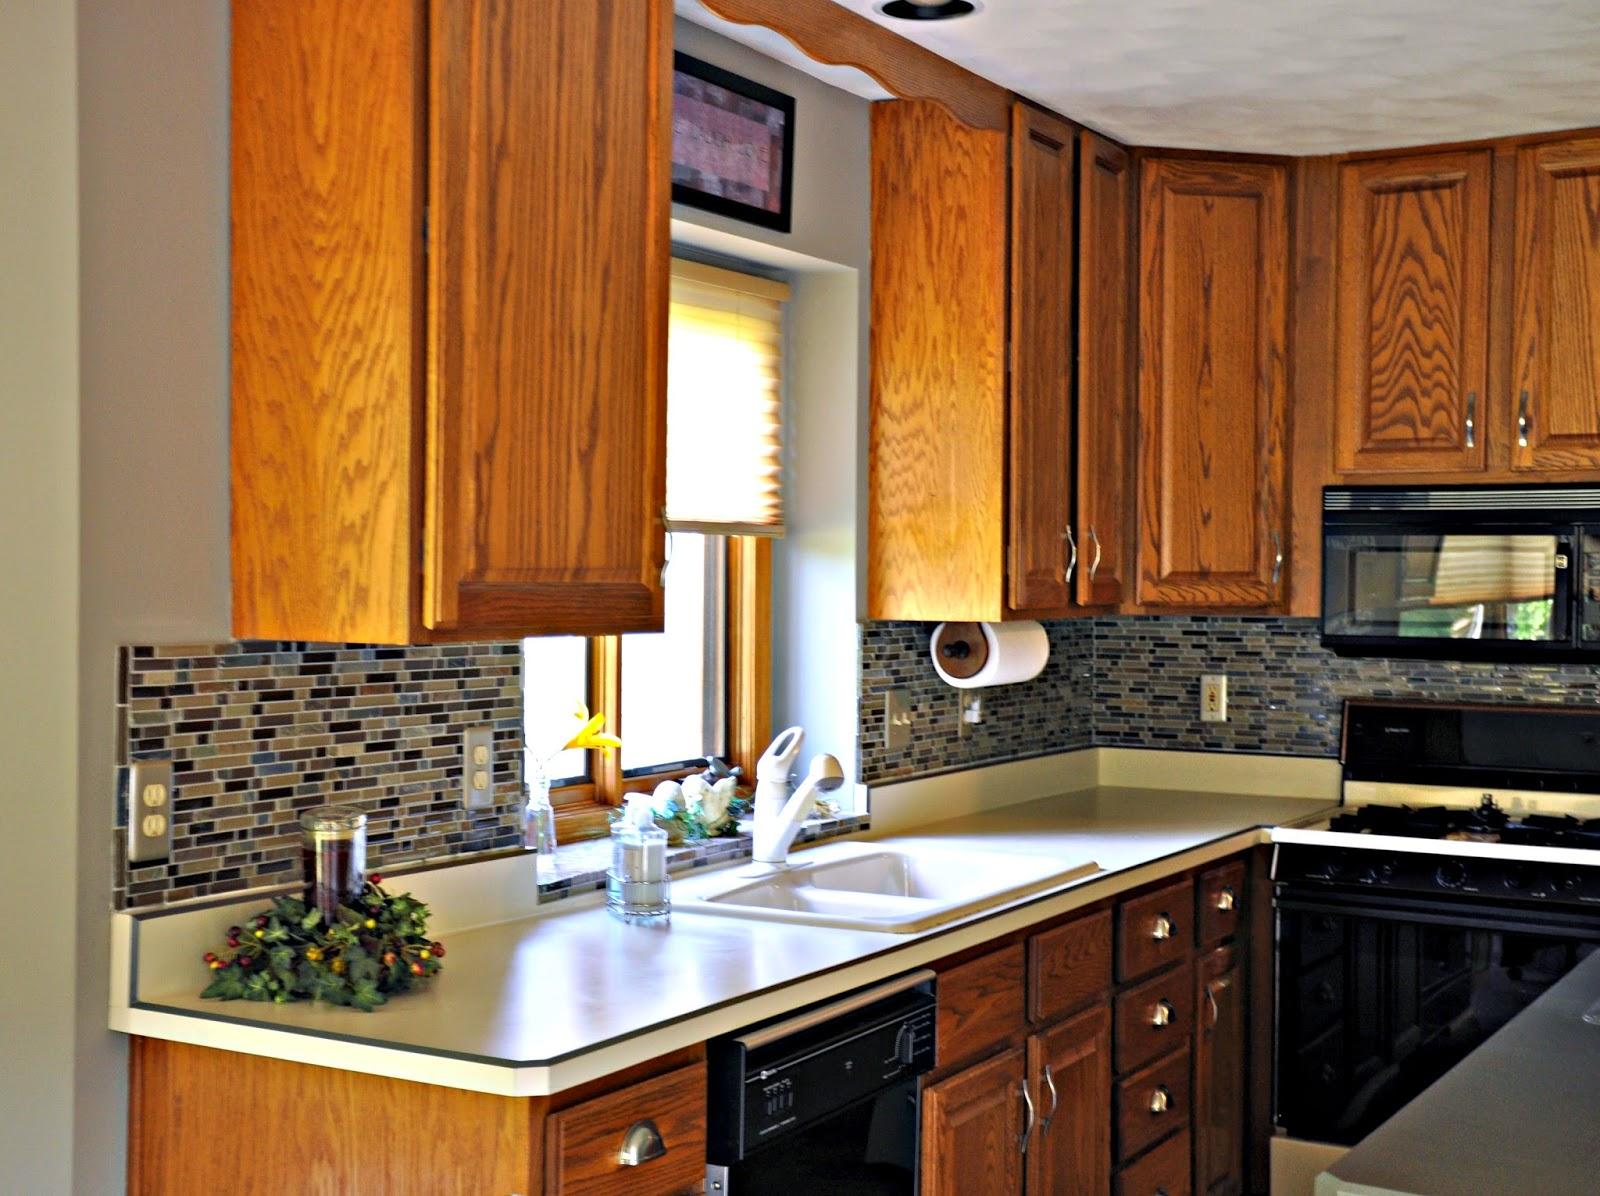 diy updates glass mosaic tile kitchen kitchen counters and backsplash DIY Updates Glass Mosaic Tile Kitchen Backsplash and Marble Tile Fireplace Surround